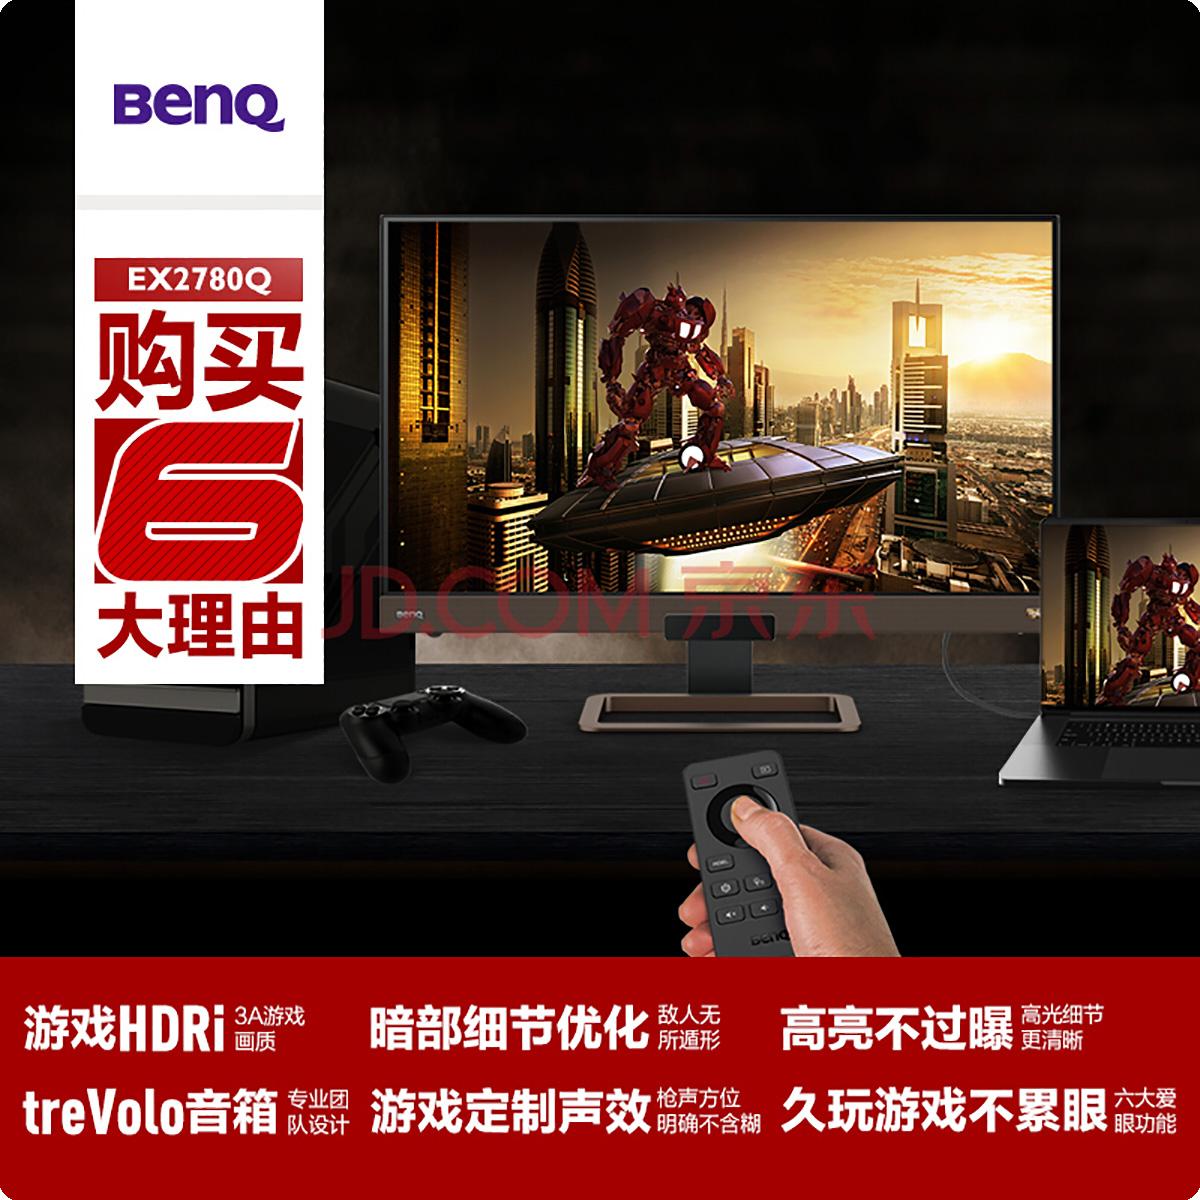 【马来西亚】超全面显示器 | 开箱和测评BenQ EX2780Q和EW2780